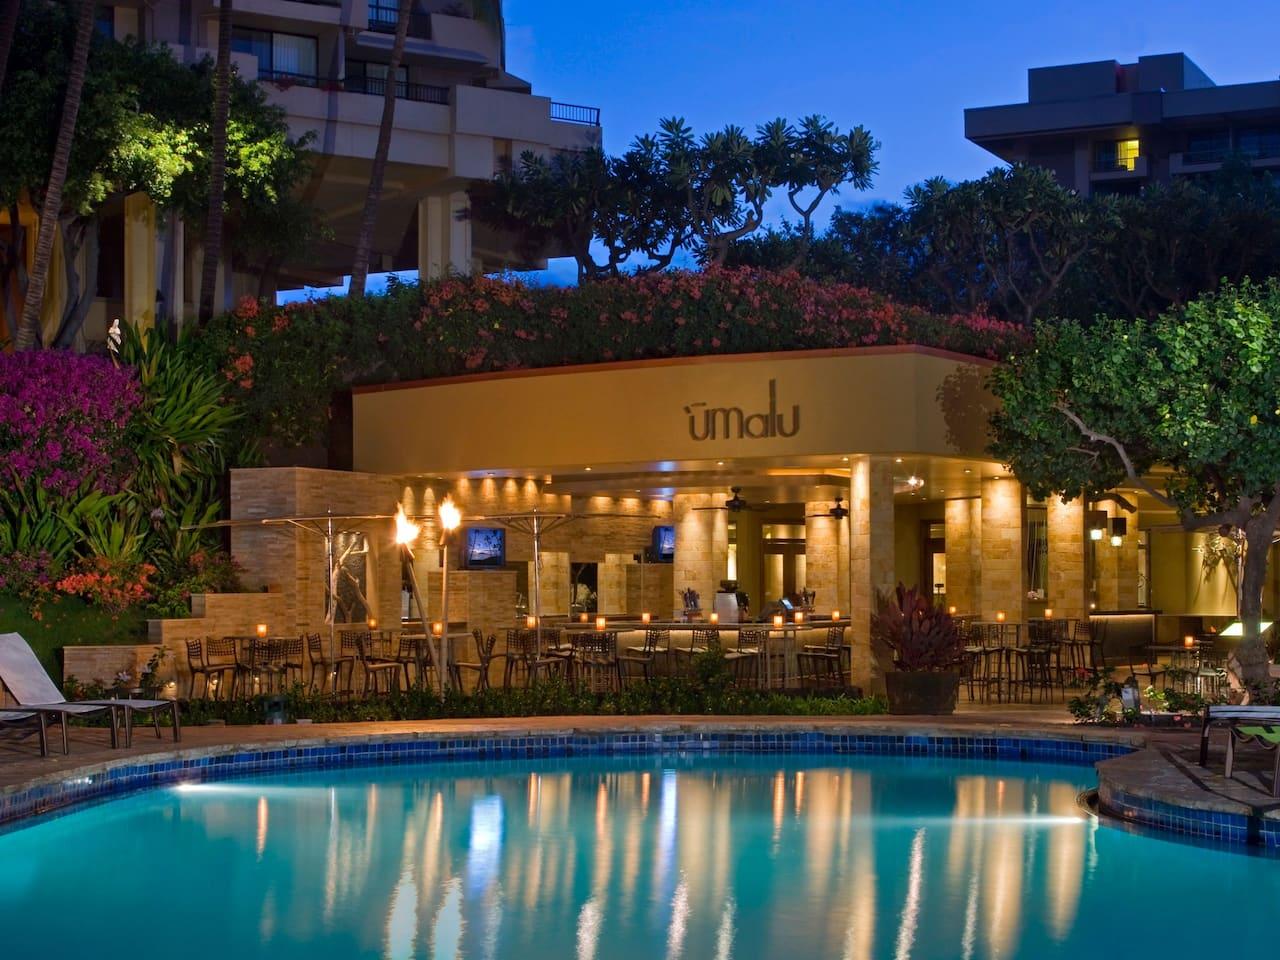 Restaurant near the pool area at Hyatt Regency Maui Resort and Spa